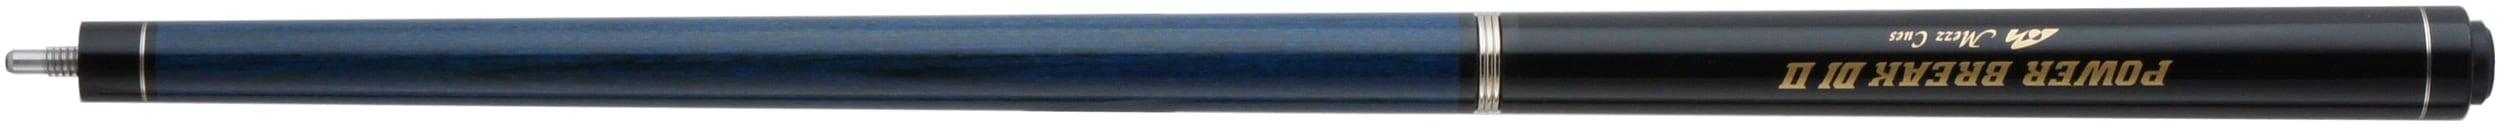 パワーブレイク2 ブレイクキュー pb2-a/di2 ブルー (di2シャフト装備) 商品画像